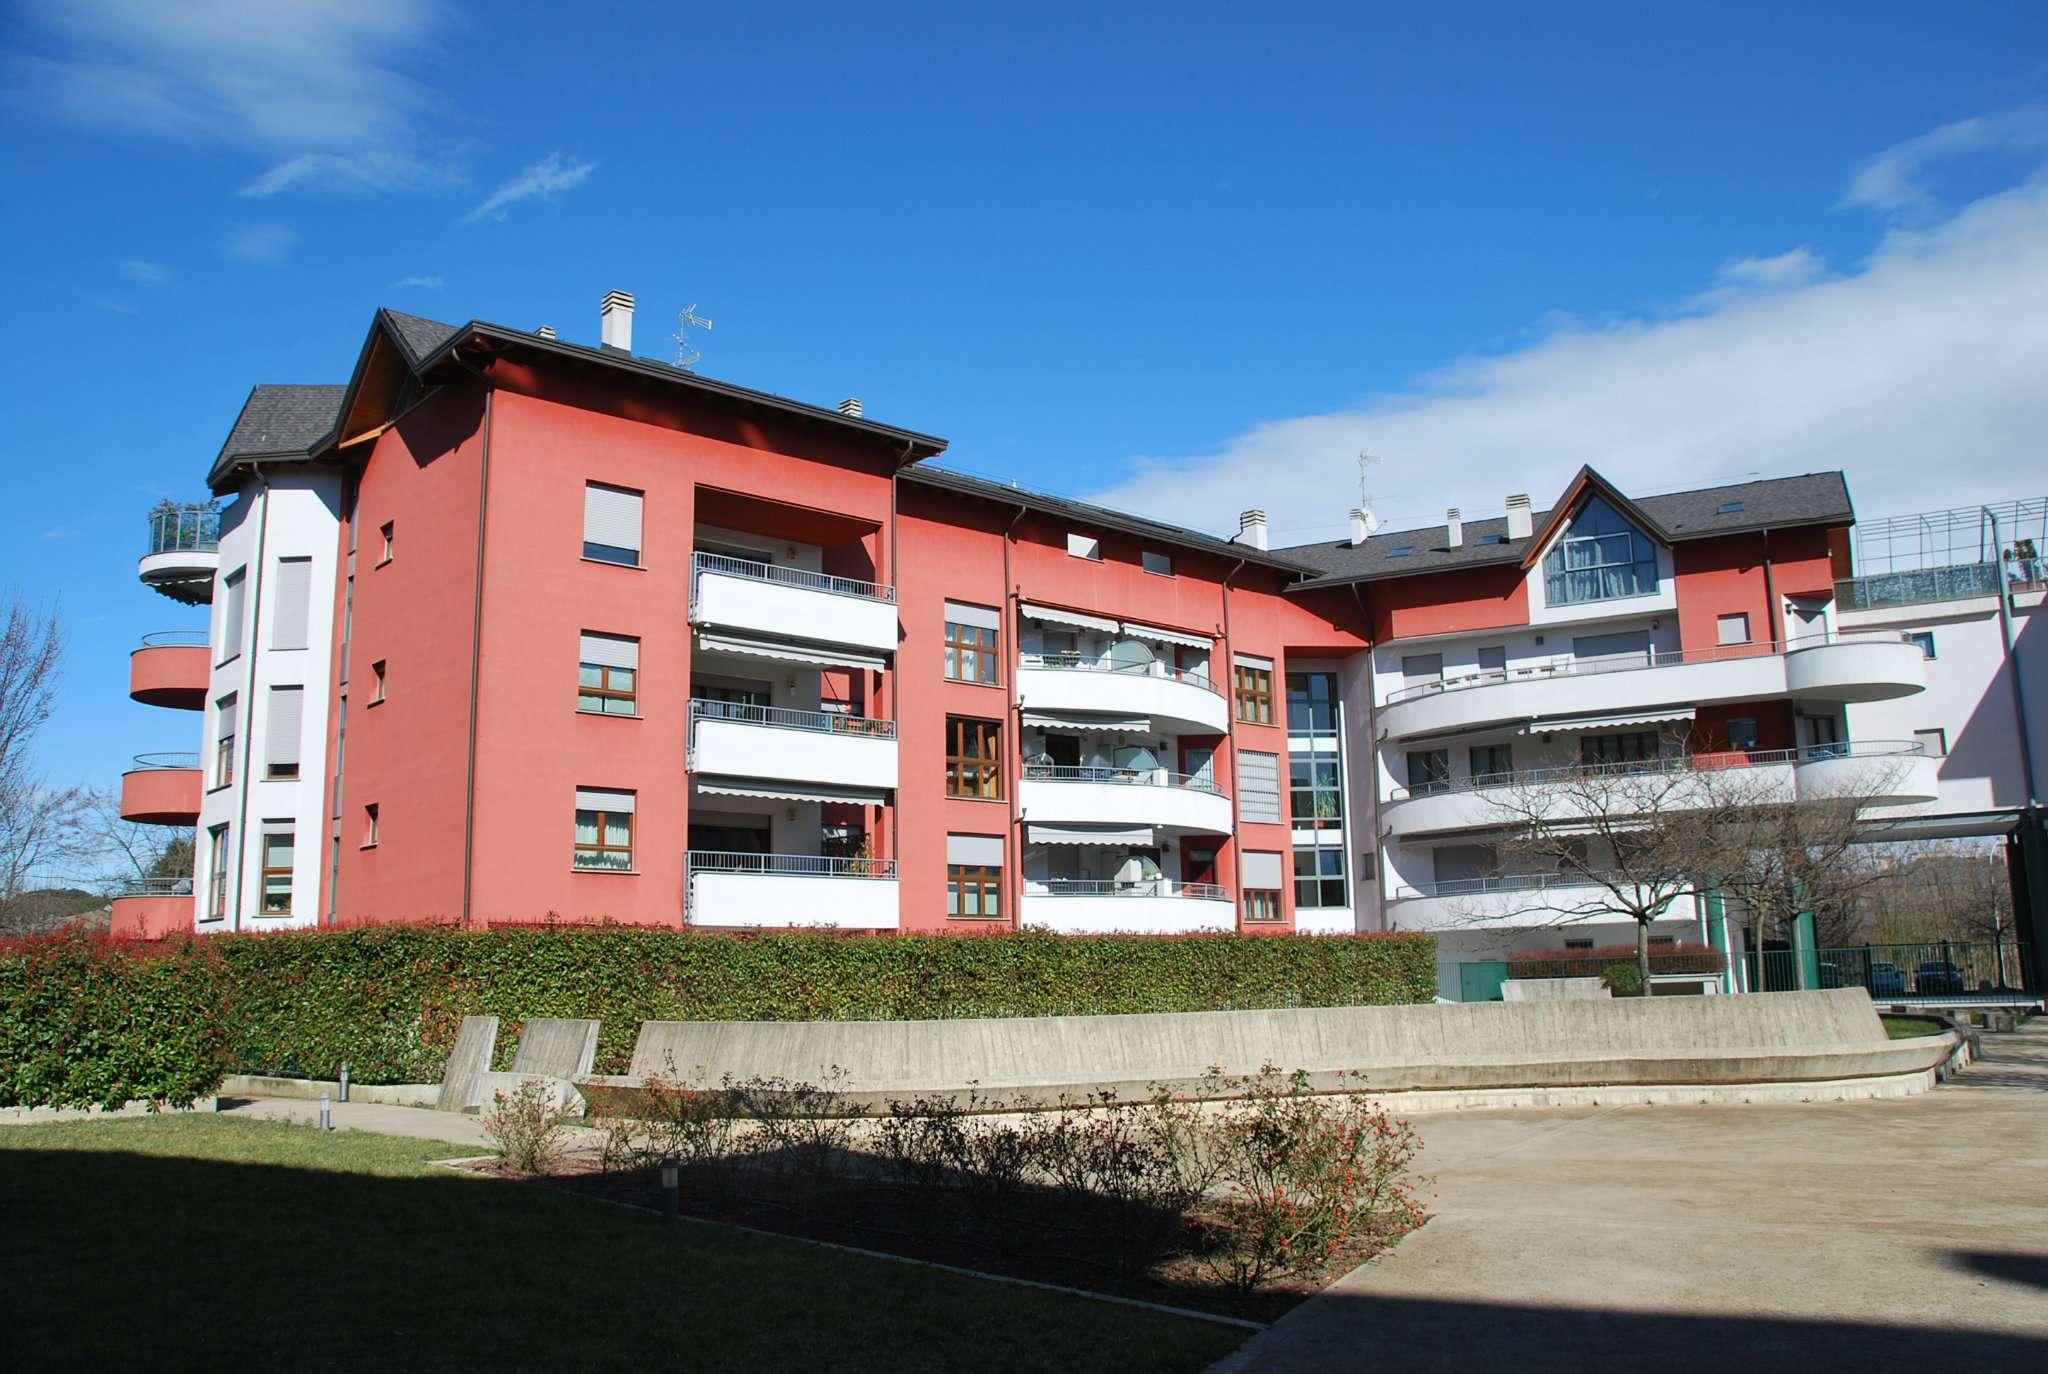 Appartamento in vendita a Legnano, 3 locali, prezzo € 198.000 | PortaleAgenzieImmobiliari.it